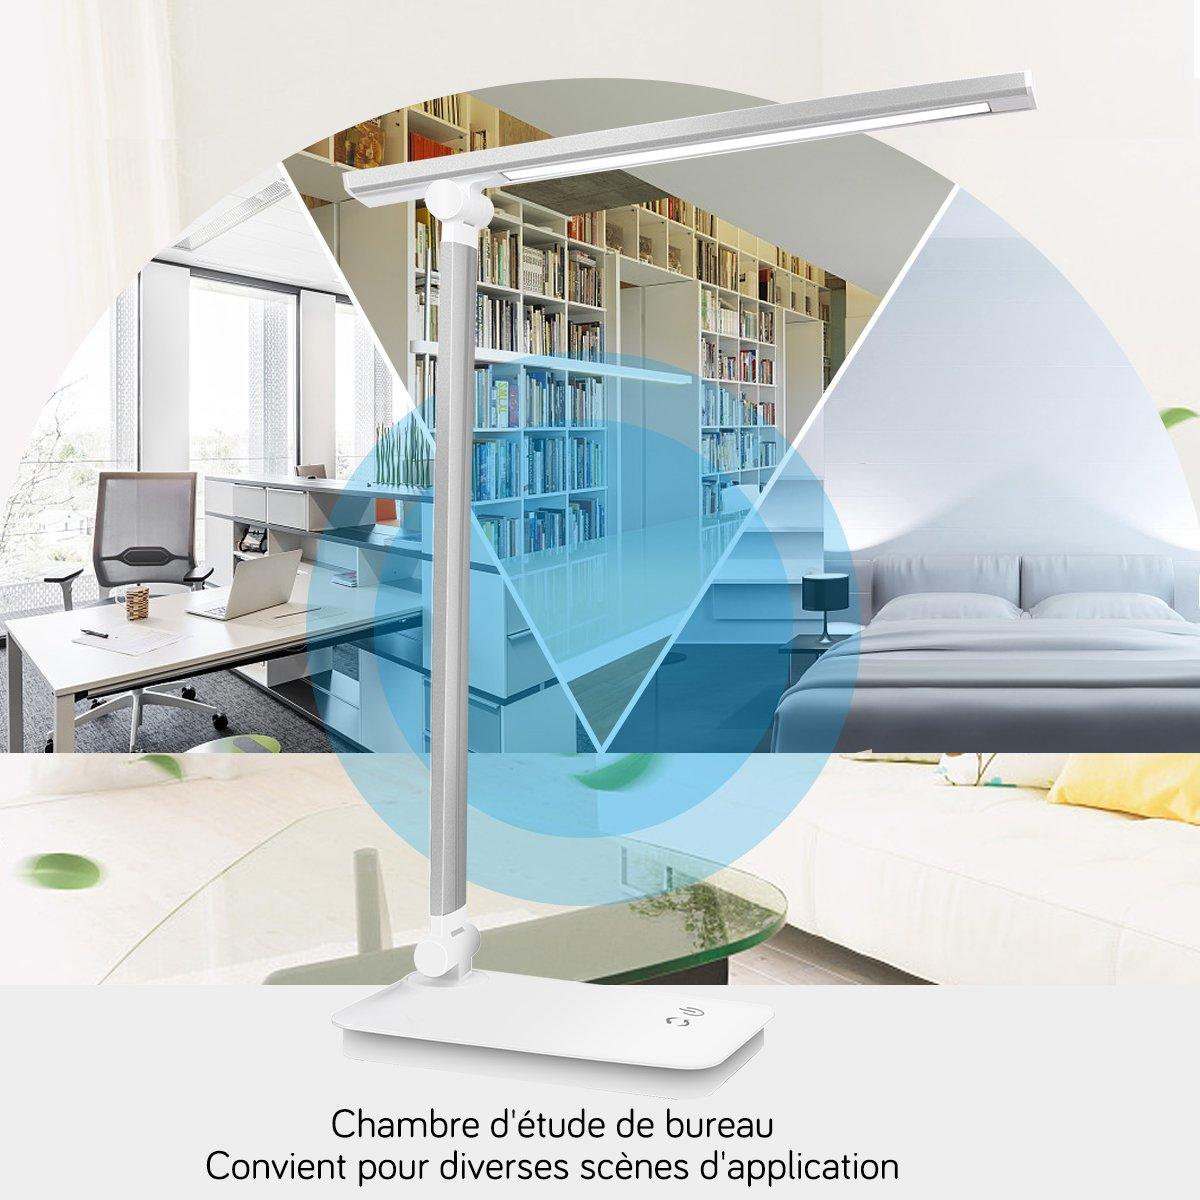 Classe defficacit/é /énerg/étique A Lampe de Bureau,AUELEK Lampe de Bureau LED USB Rechargeables 1800mAh 5 Modes de Couleur 3 Niveaux de Luminosit/é Protection des Yeux Design Rotative//Contr/ôle Tactile